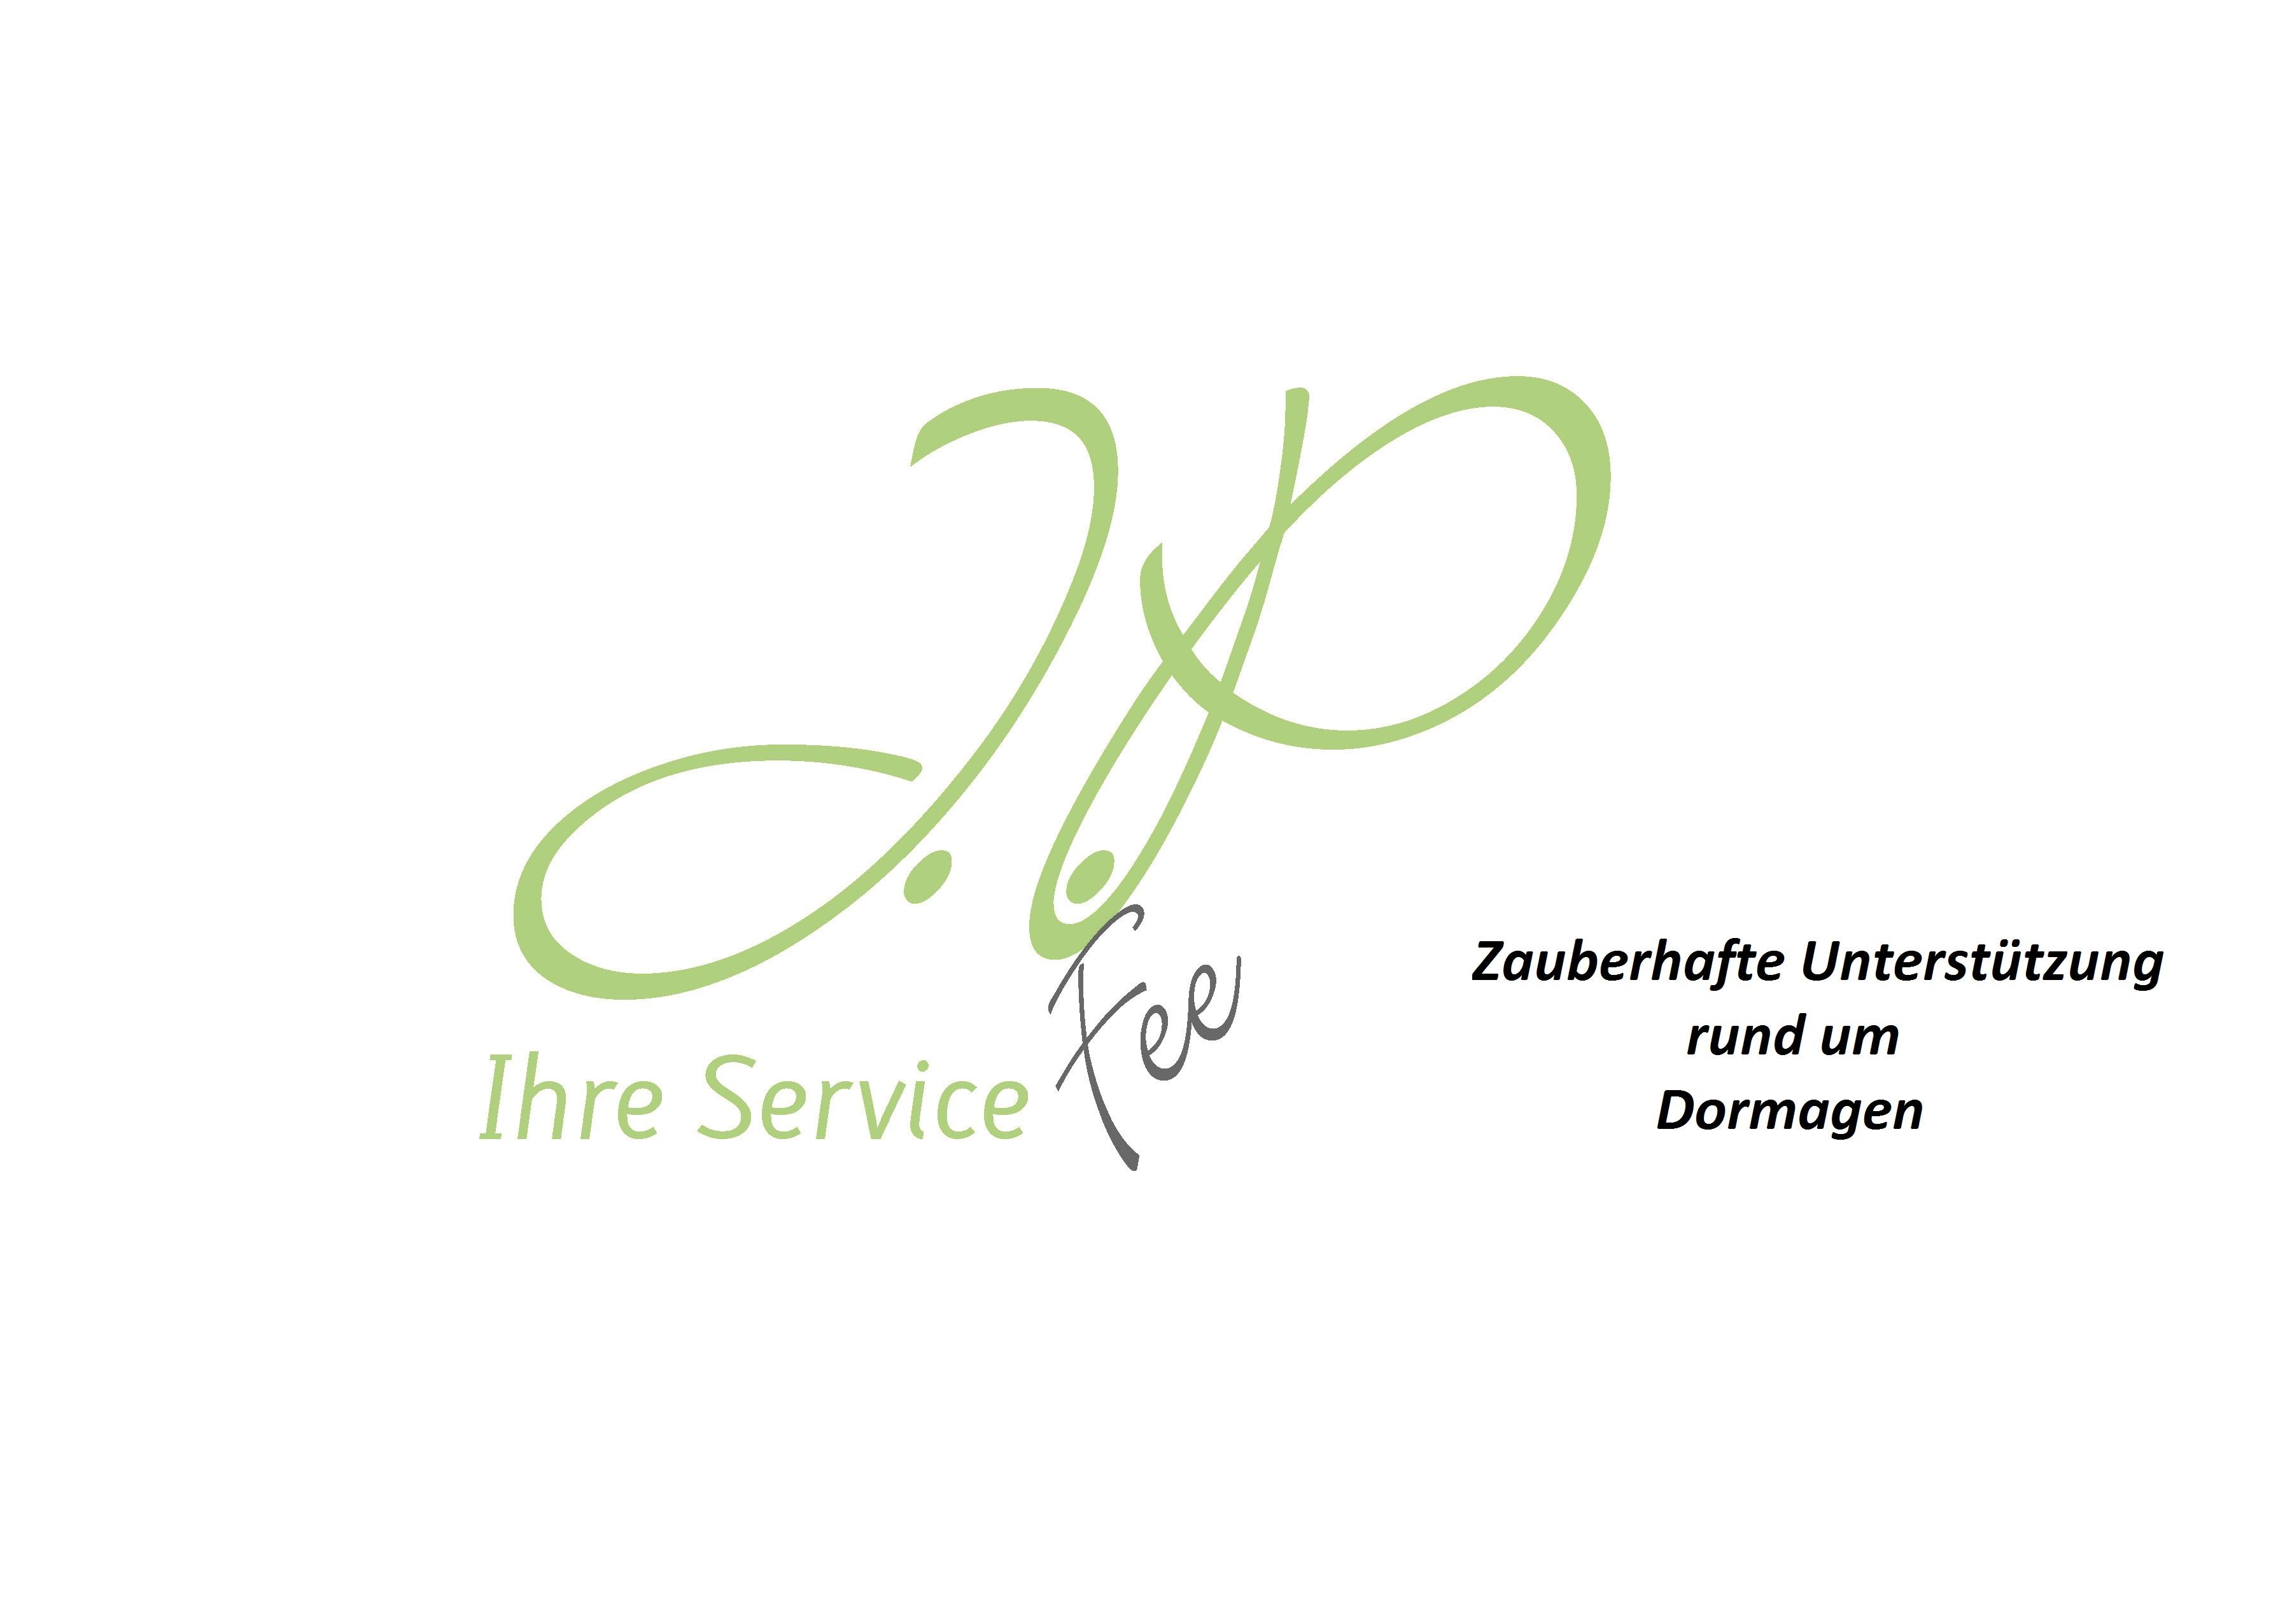 JP Servicefee -Haushaltshilfe rund um Dormagen-